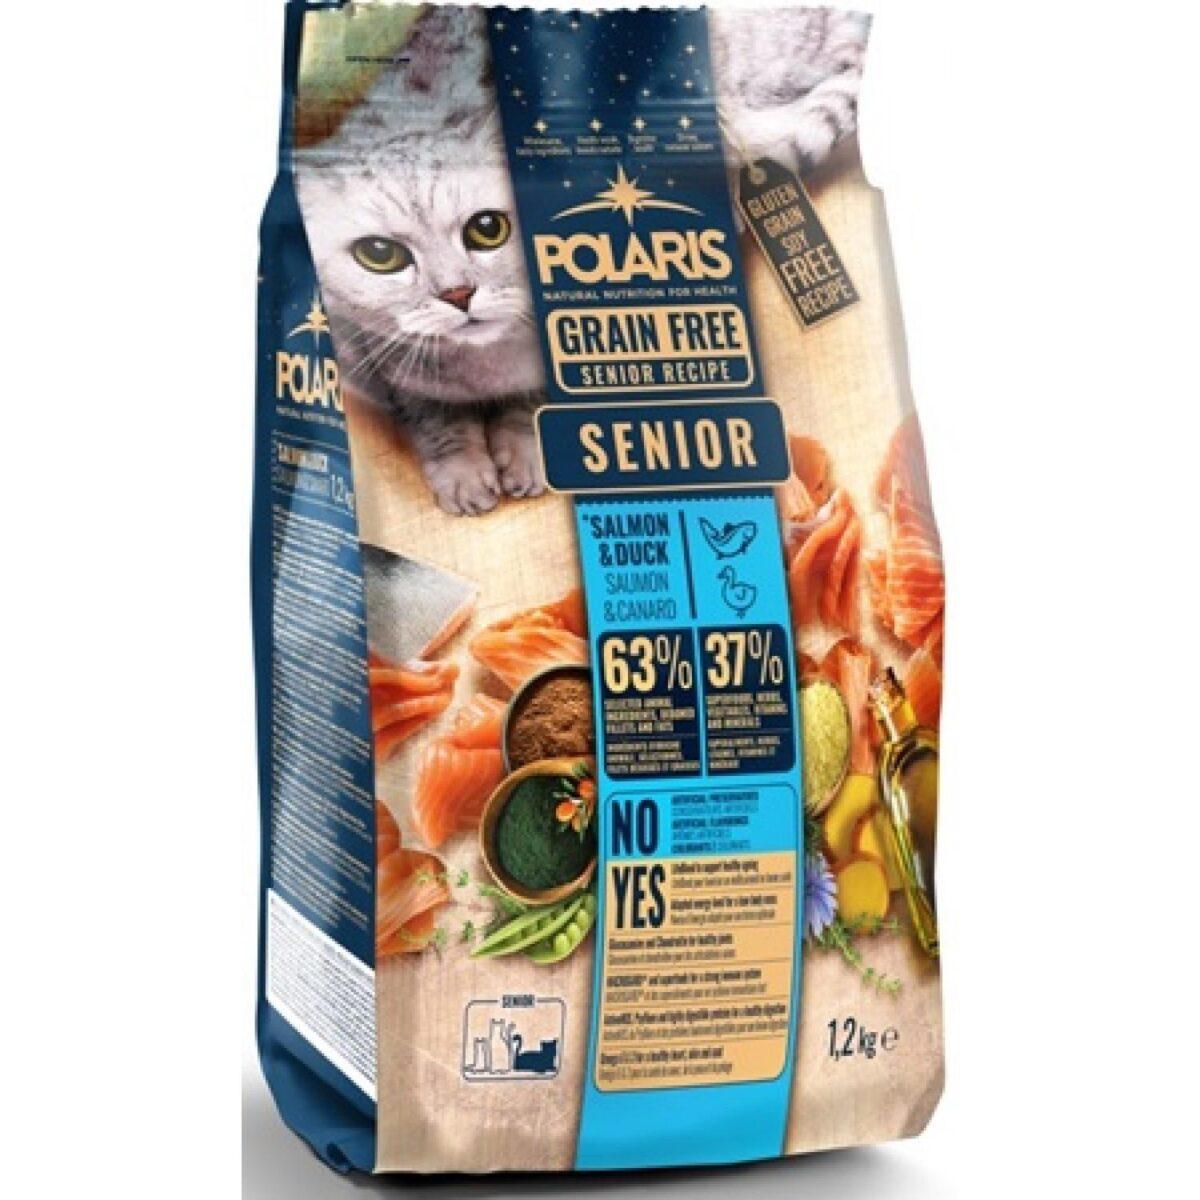 Polaris teraviljavaba täissööt pardiliha ja lõhega 7+ eakatele kassidele 1,2kg